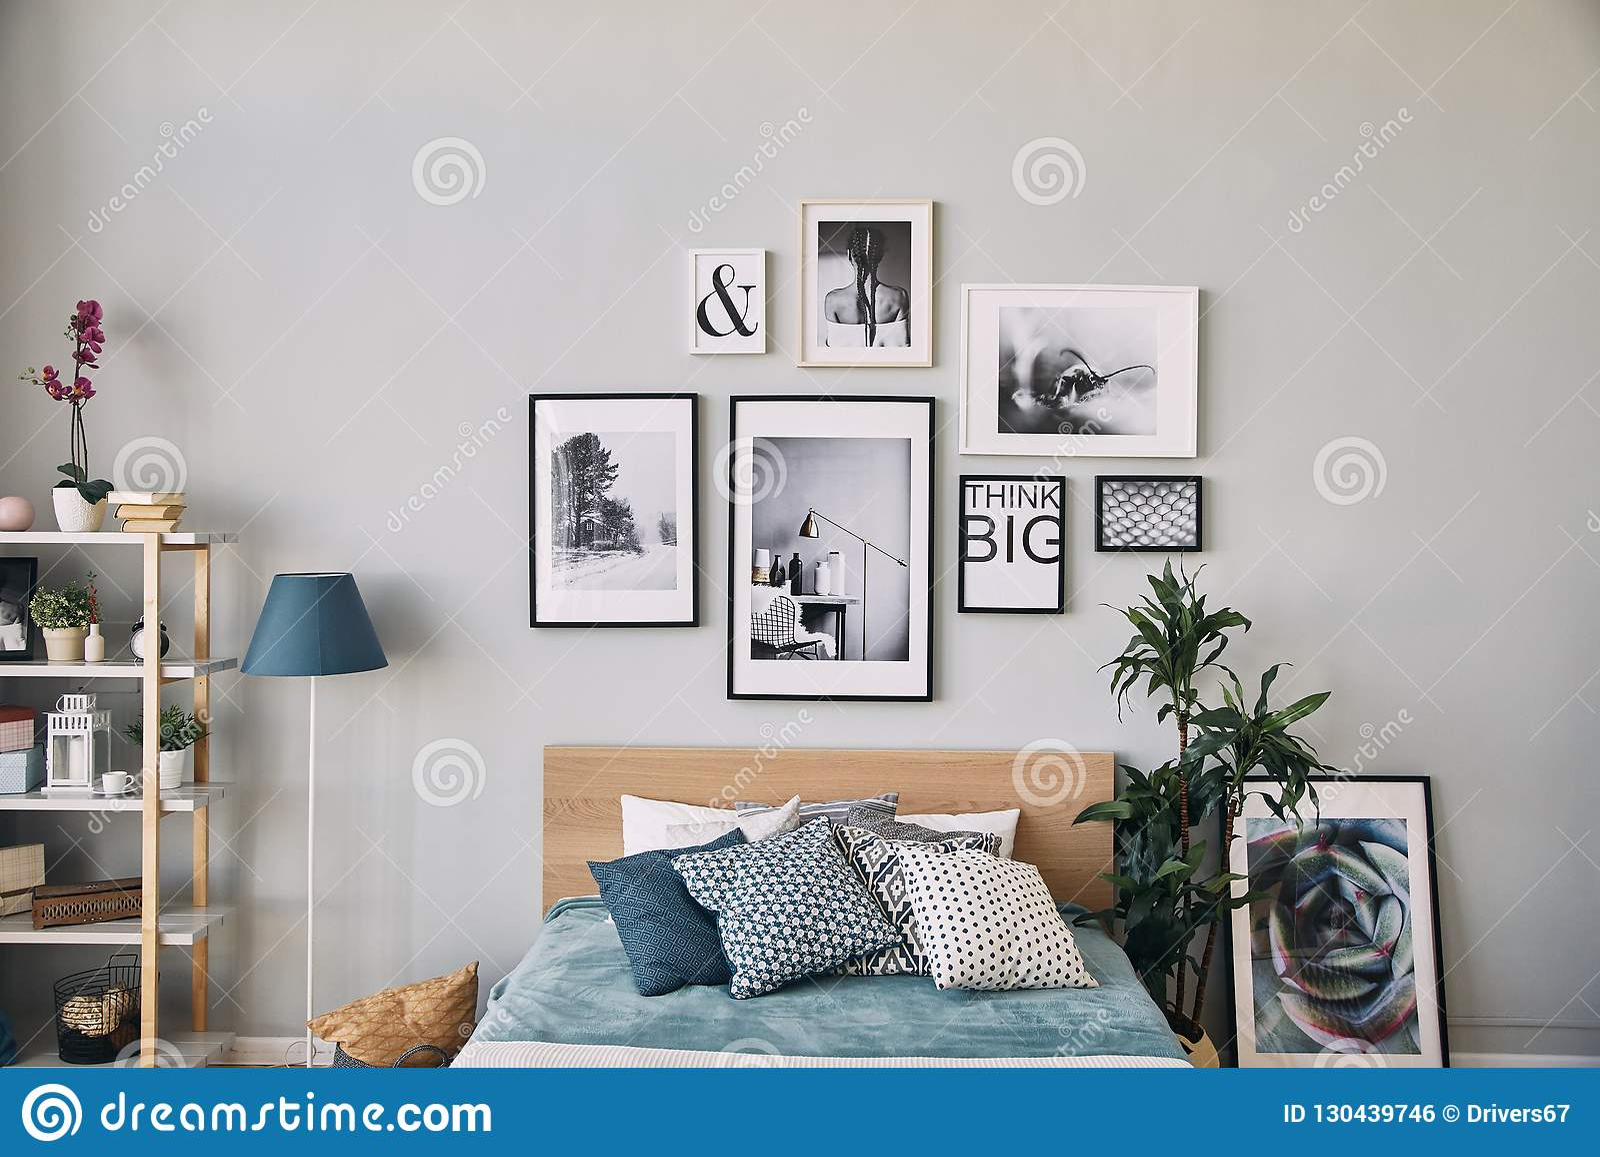 Fotografie Różni Rozmiary W Ramowym Obwieszeniu Nad łóżkiem